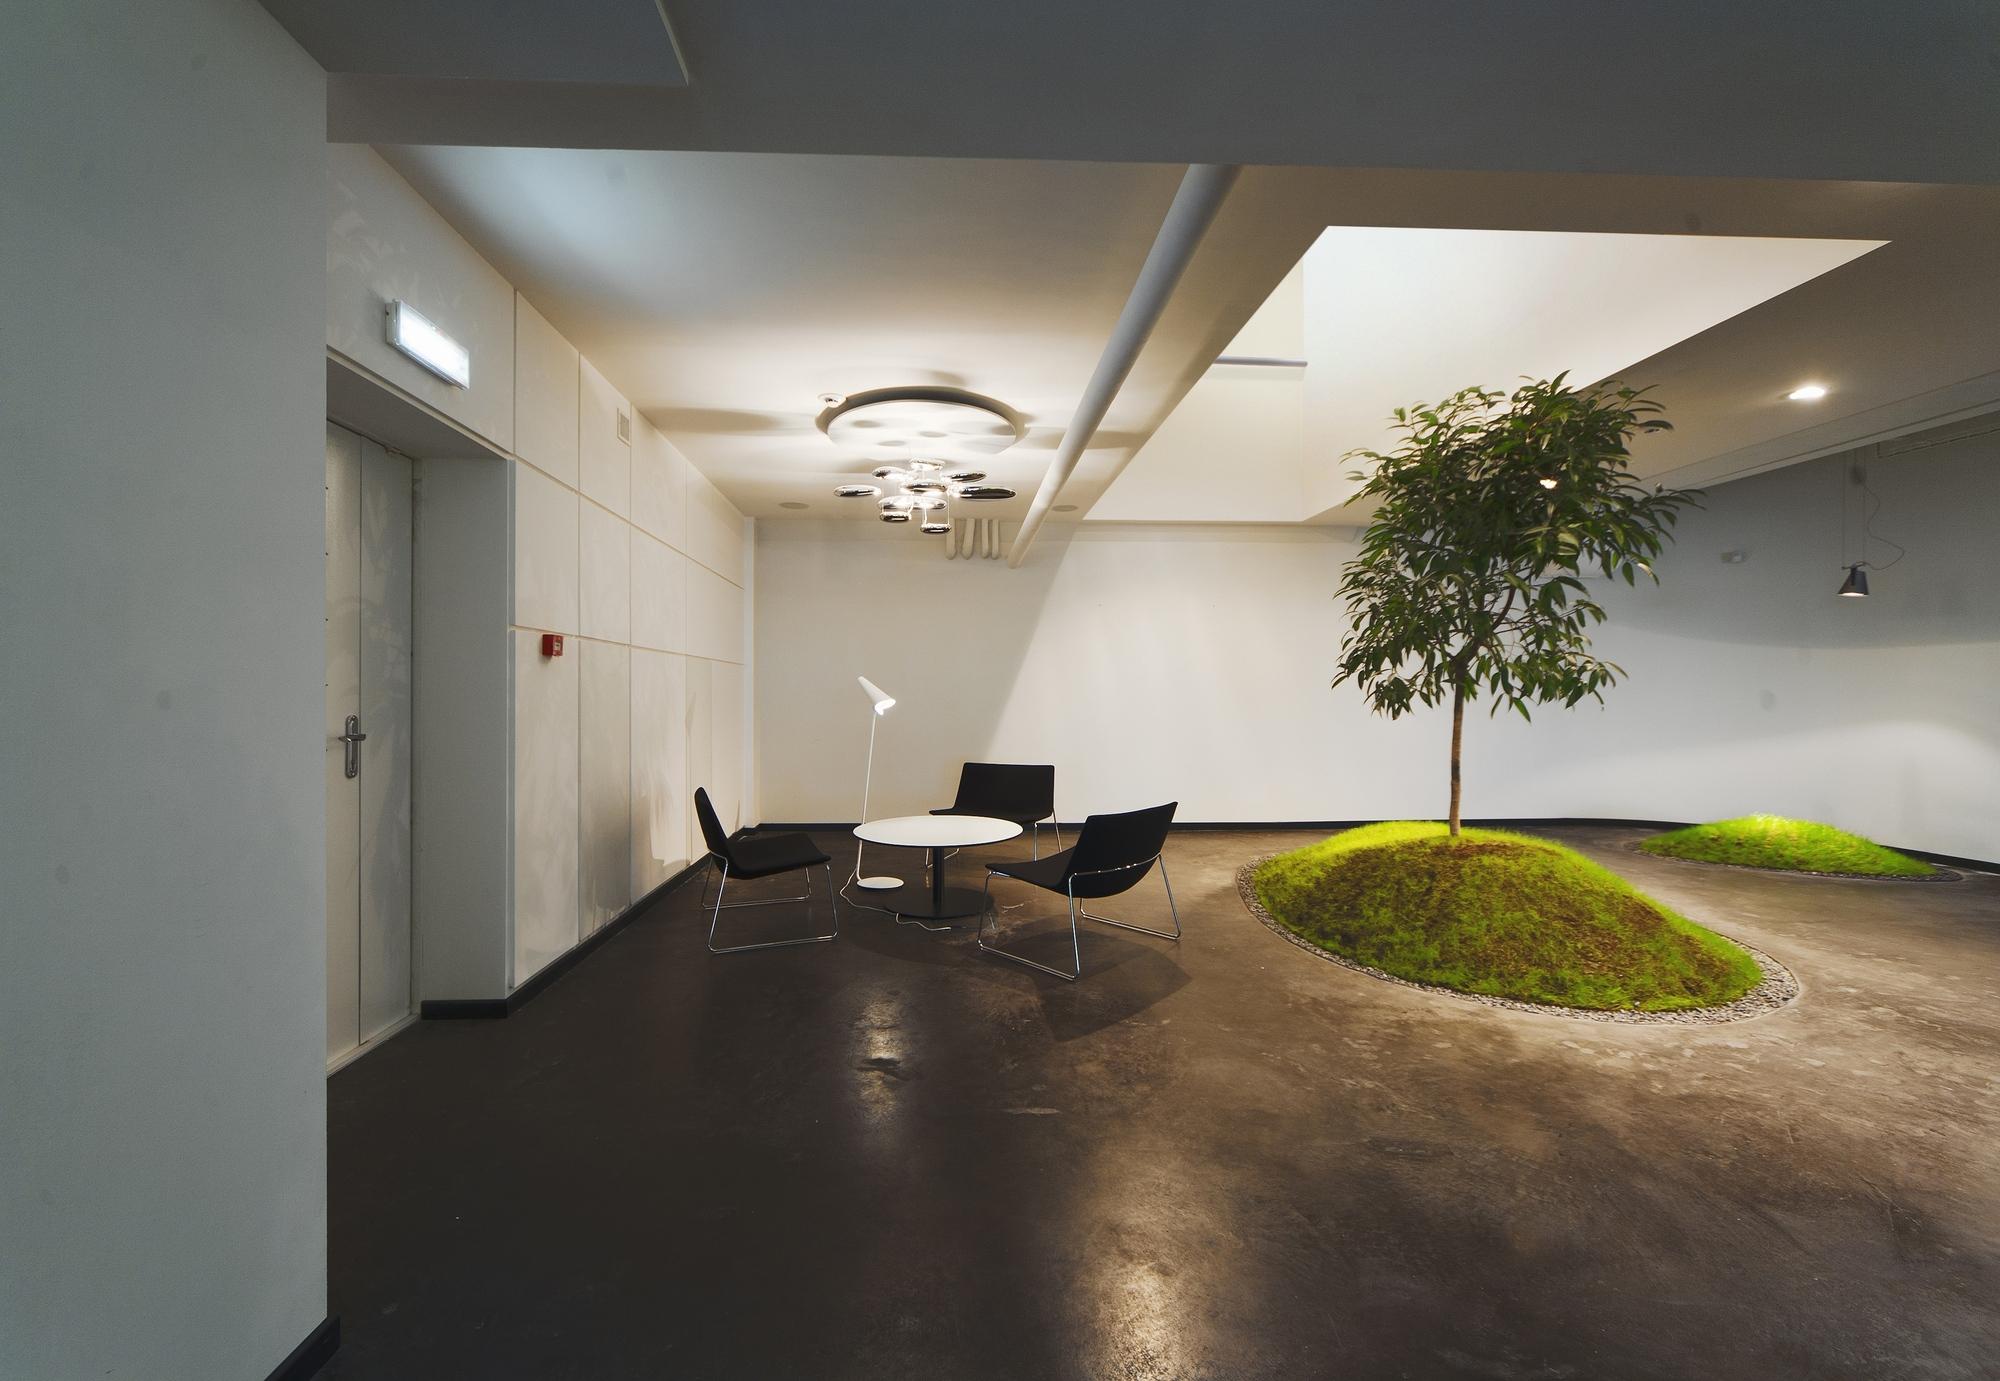 Escritórios para Empresa de Tecnologia / TSEH Architectural Group, © Shtefan Egor